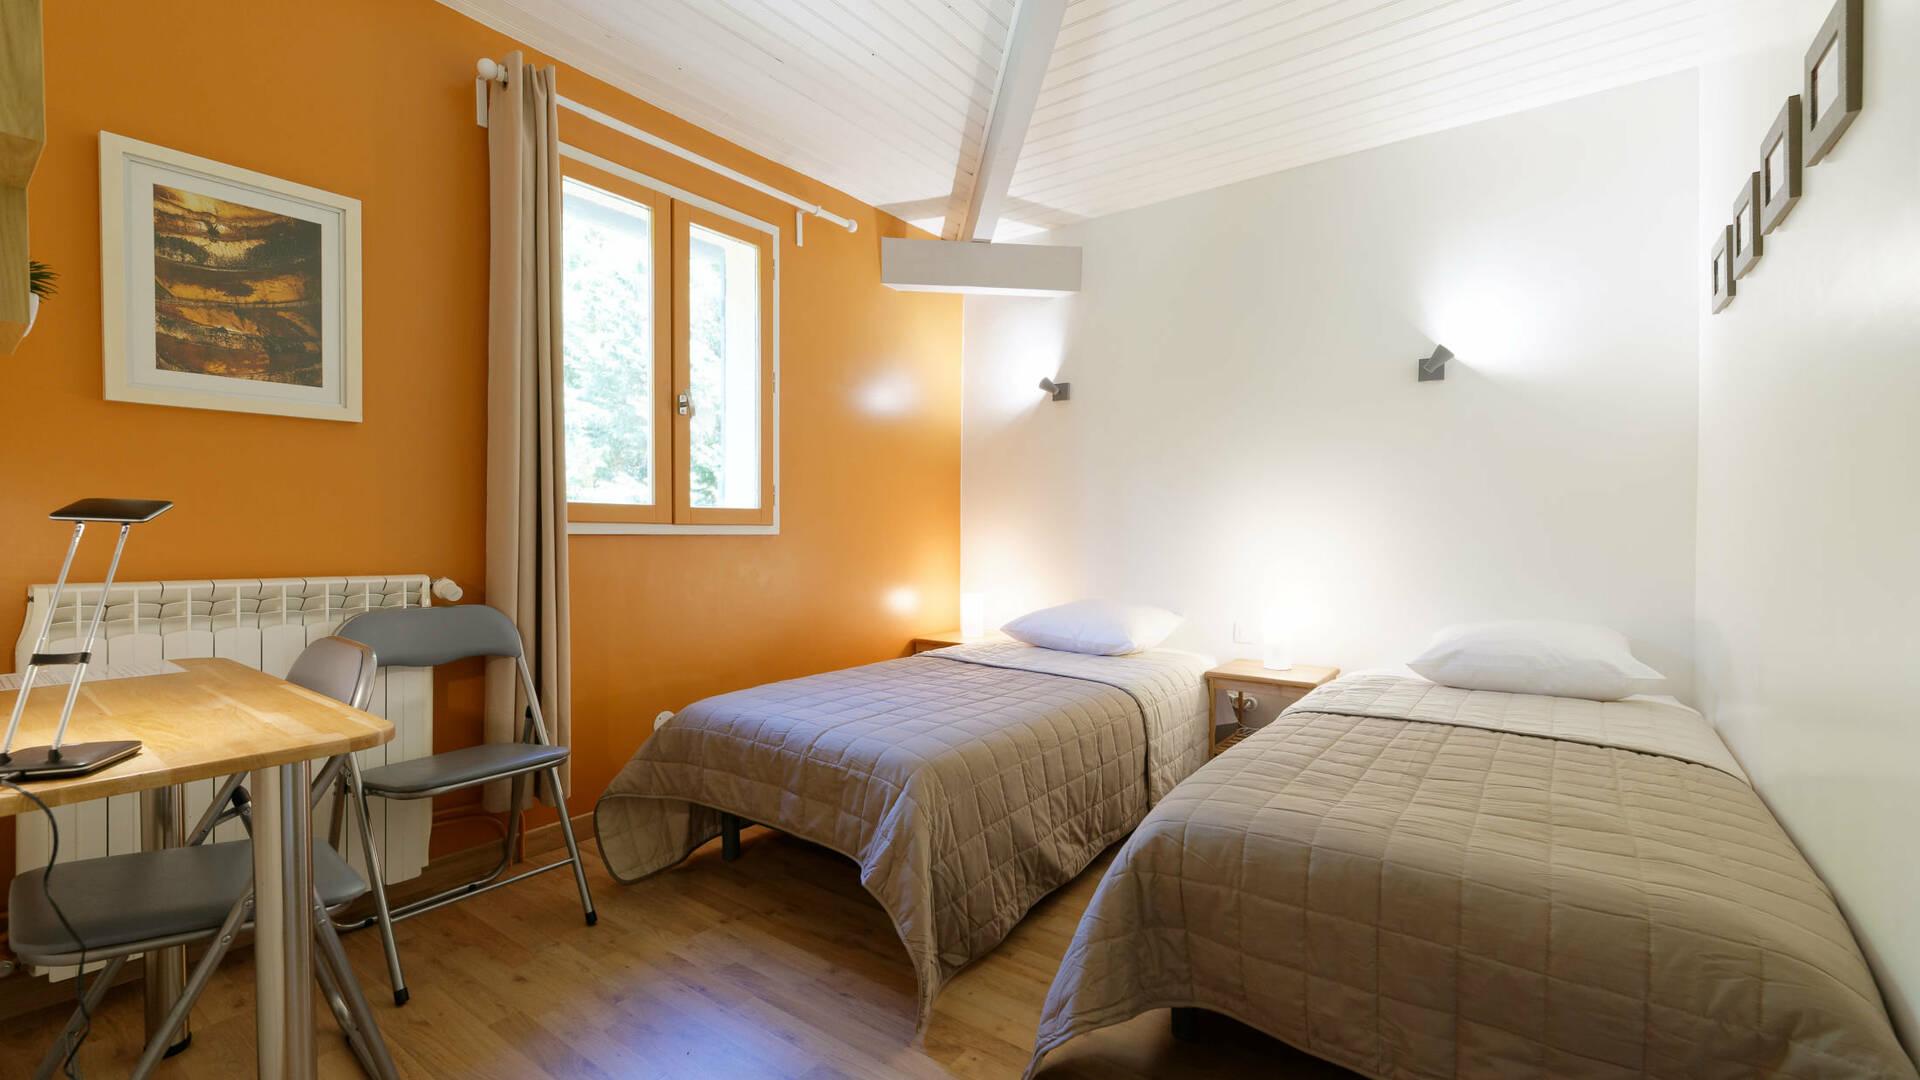 Chambre Val André, Gite La Maison Bleue, Savignac-Mona, Lombez, Samatan, Savès, Gascogne, Gers, France